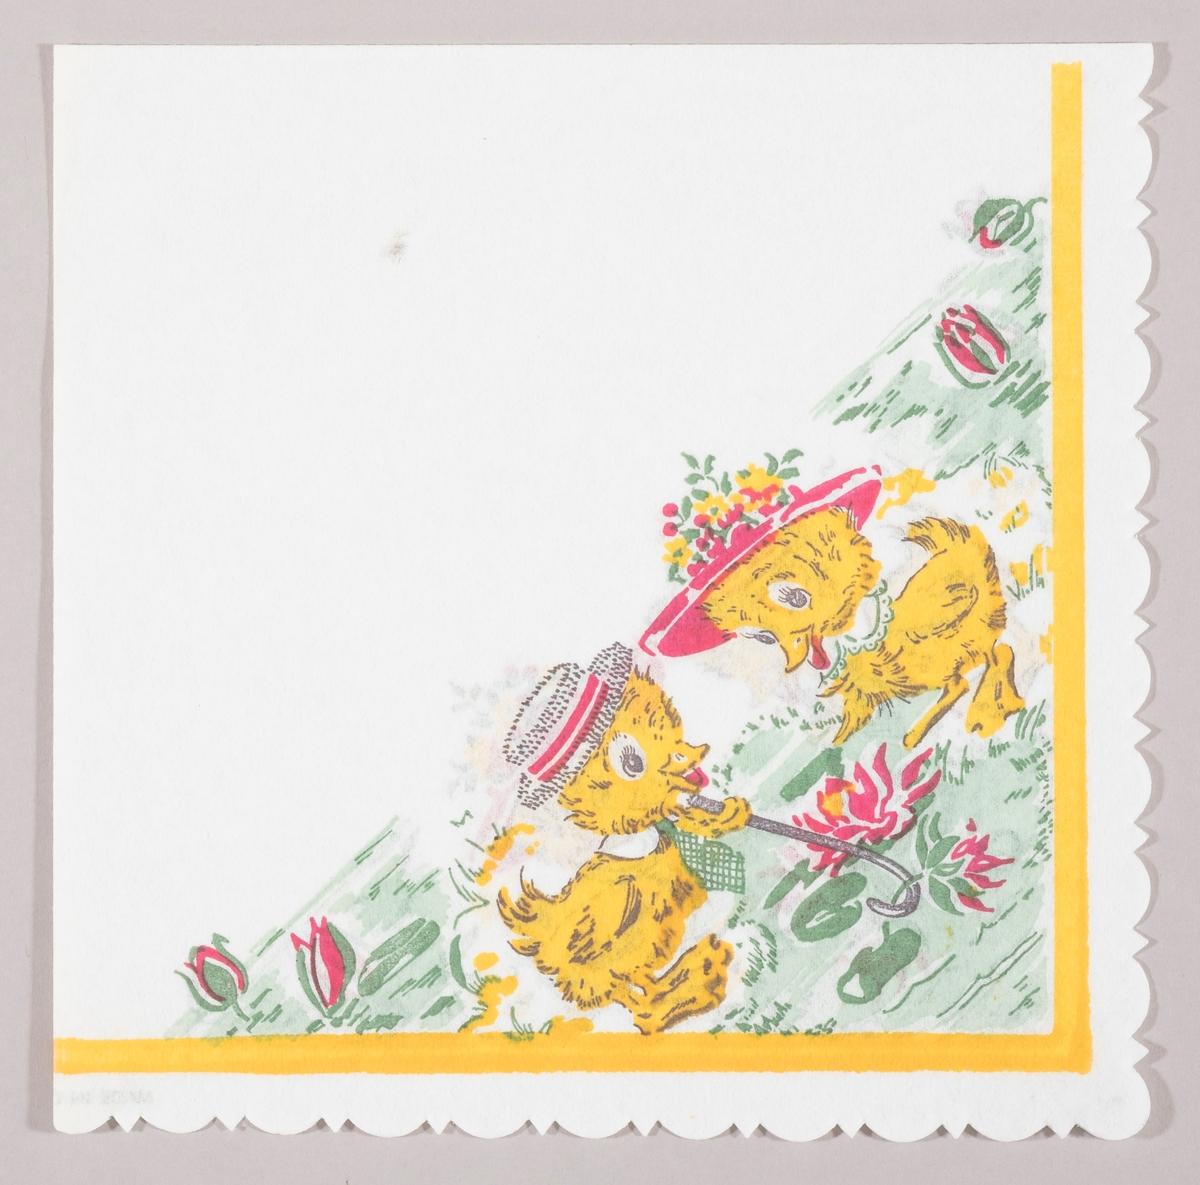 En and med herrehatt, slips og spaserstokk plukker en vannlilje til en and med damehatt. Endene står ved bredden av en sjø med vannliljer. Gul kant.